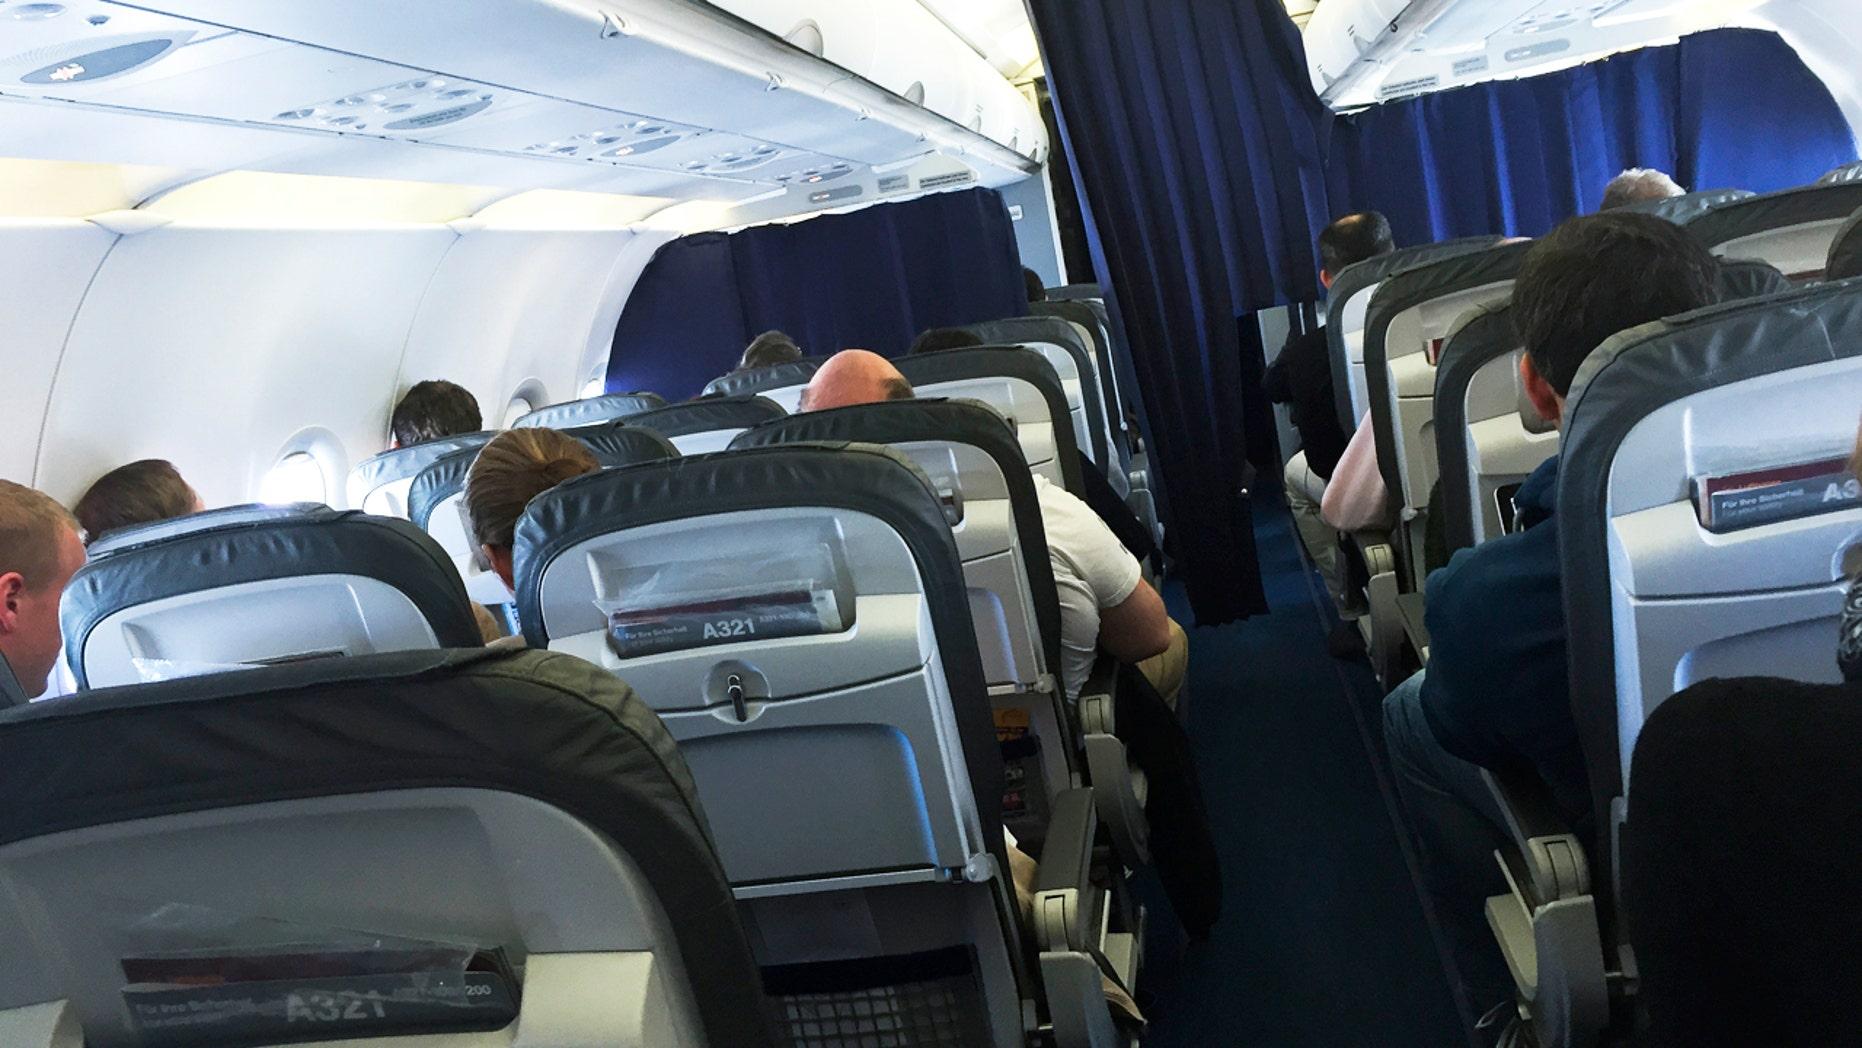 Not all passengers respect their fellow fliers.